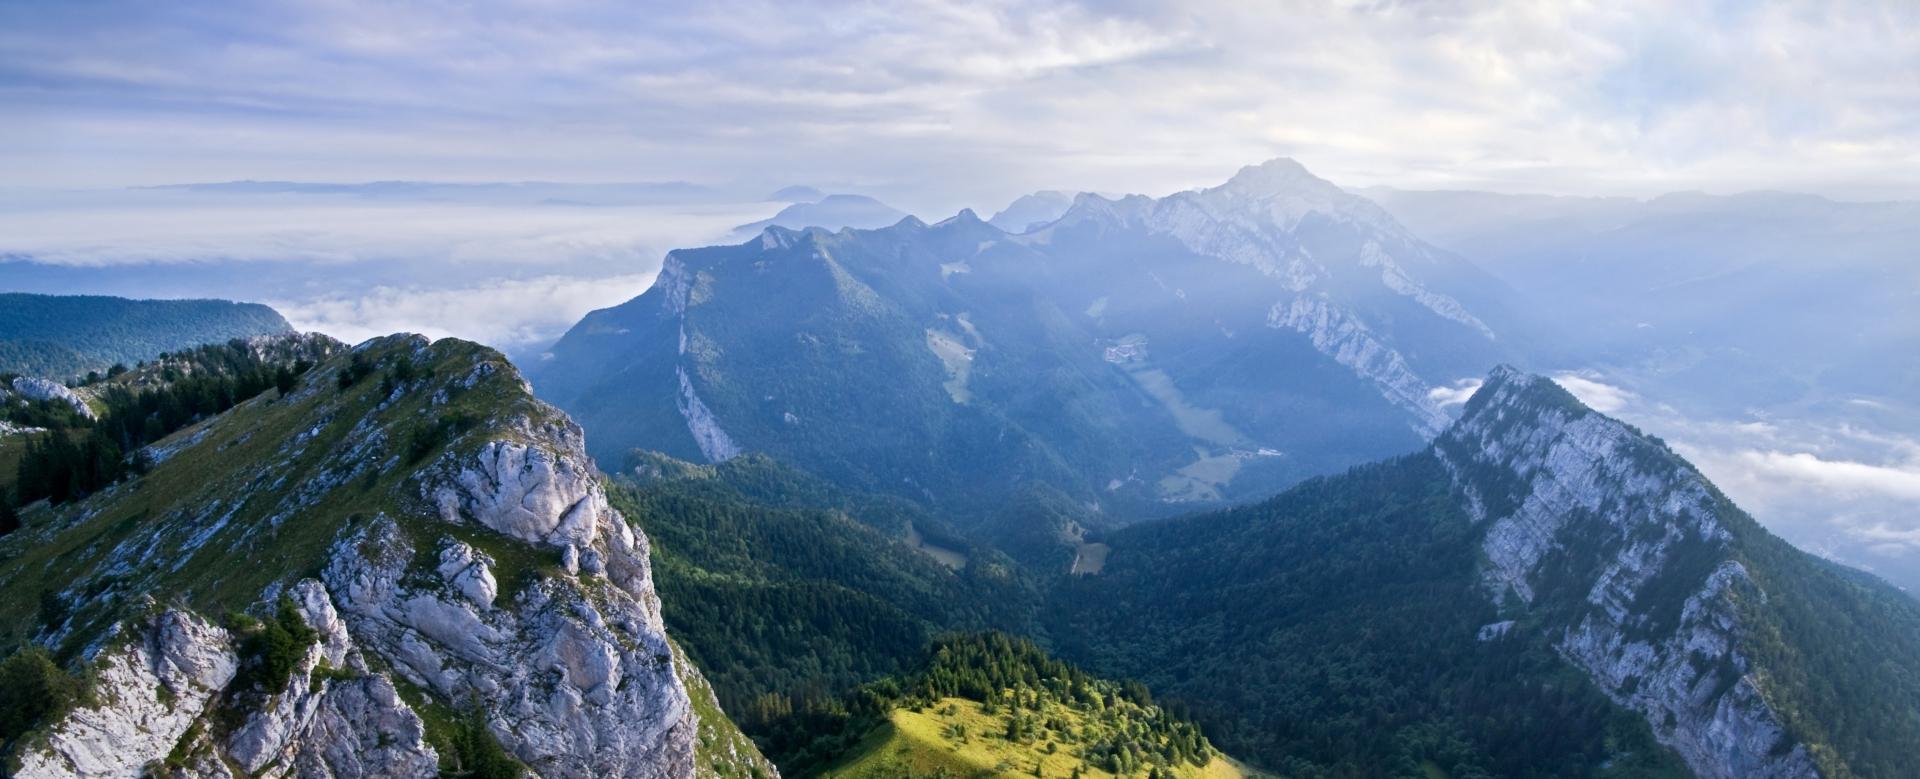 Voyage à pied : Alpes du Nord : Le tour de la chartreuse